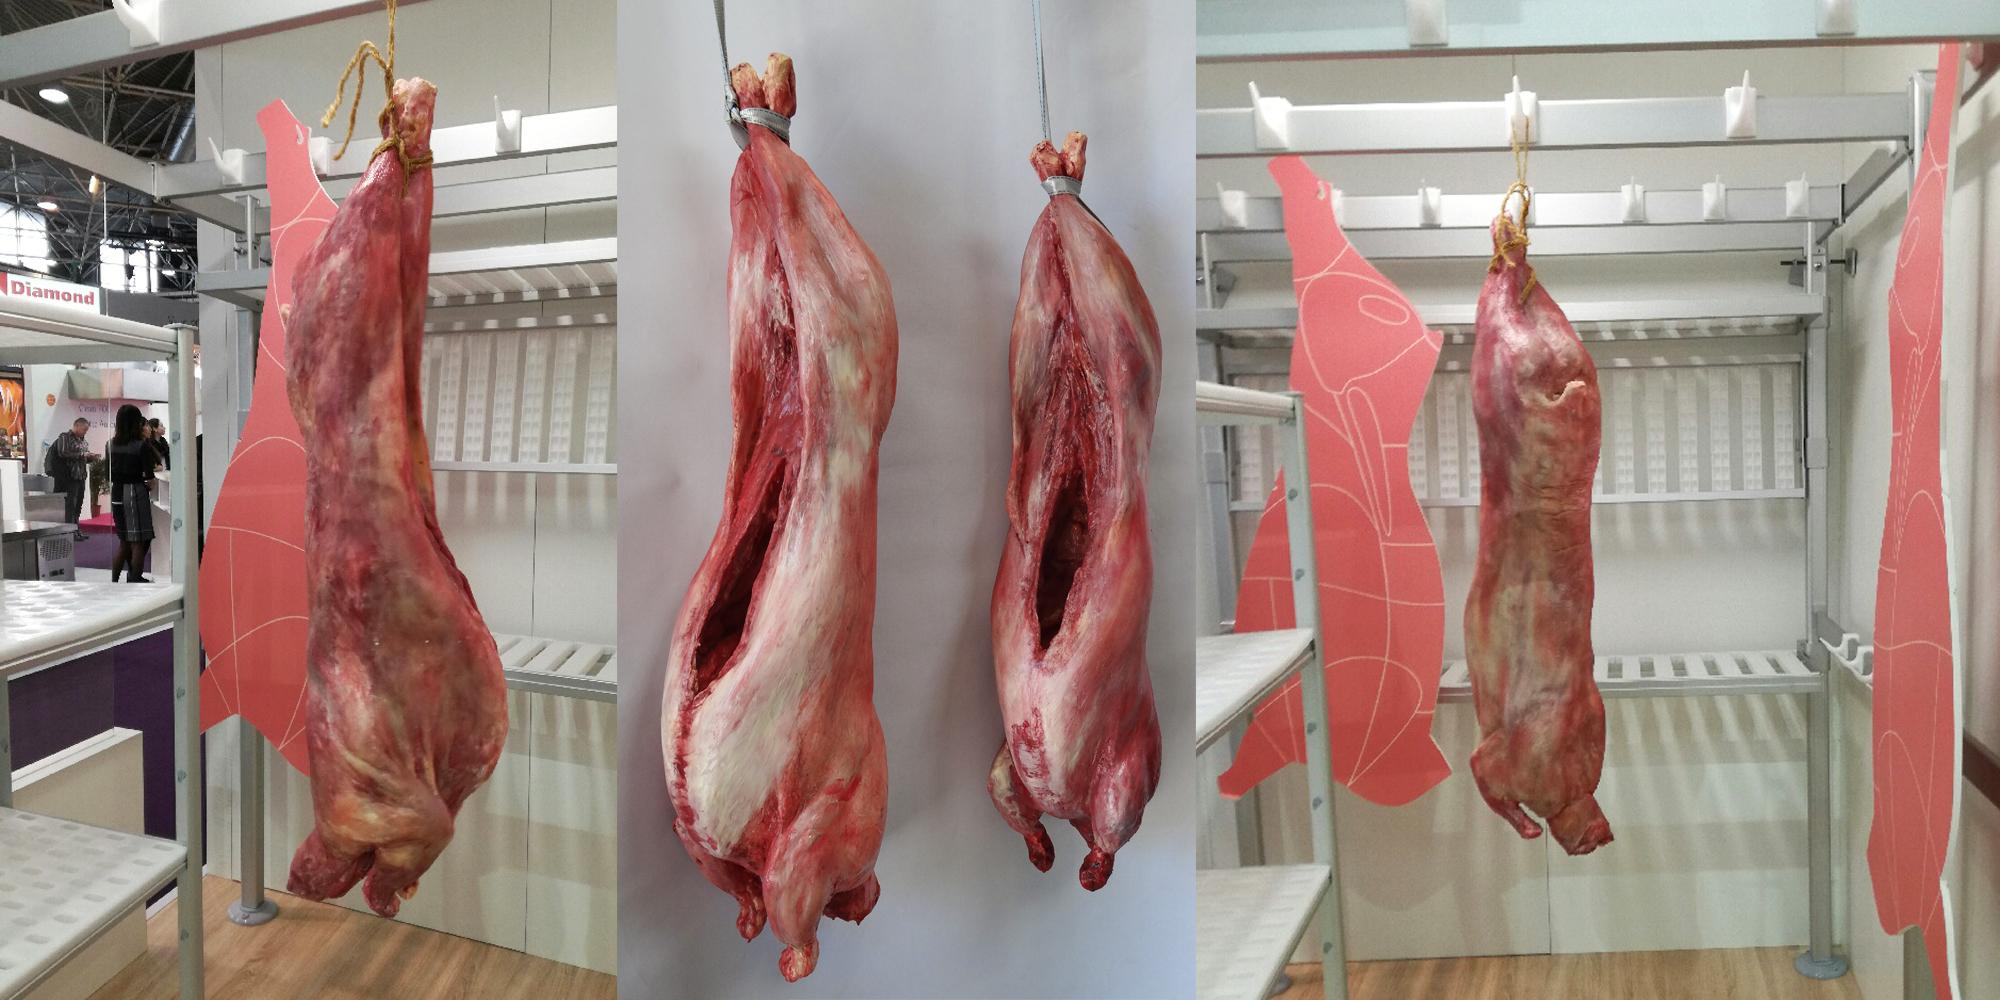 carcasse de viande factice - possible en agneau, porc, boeuf